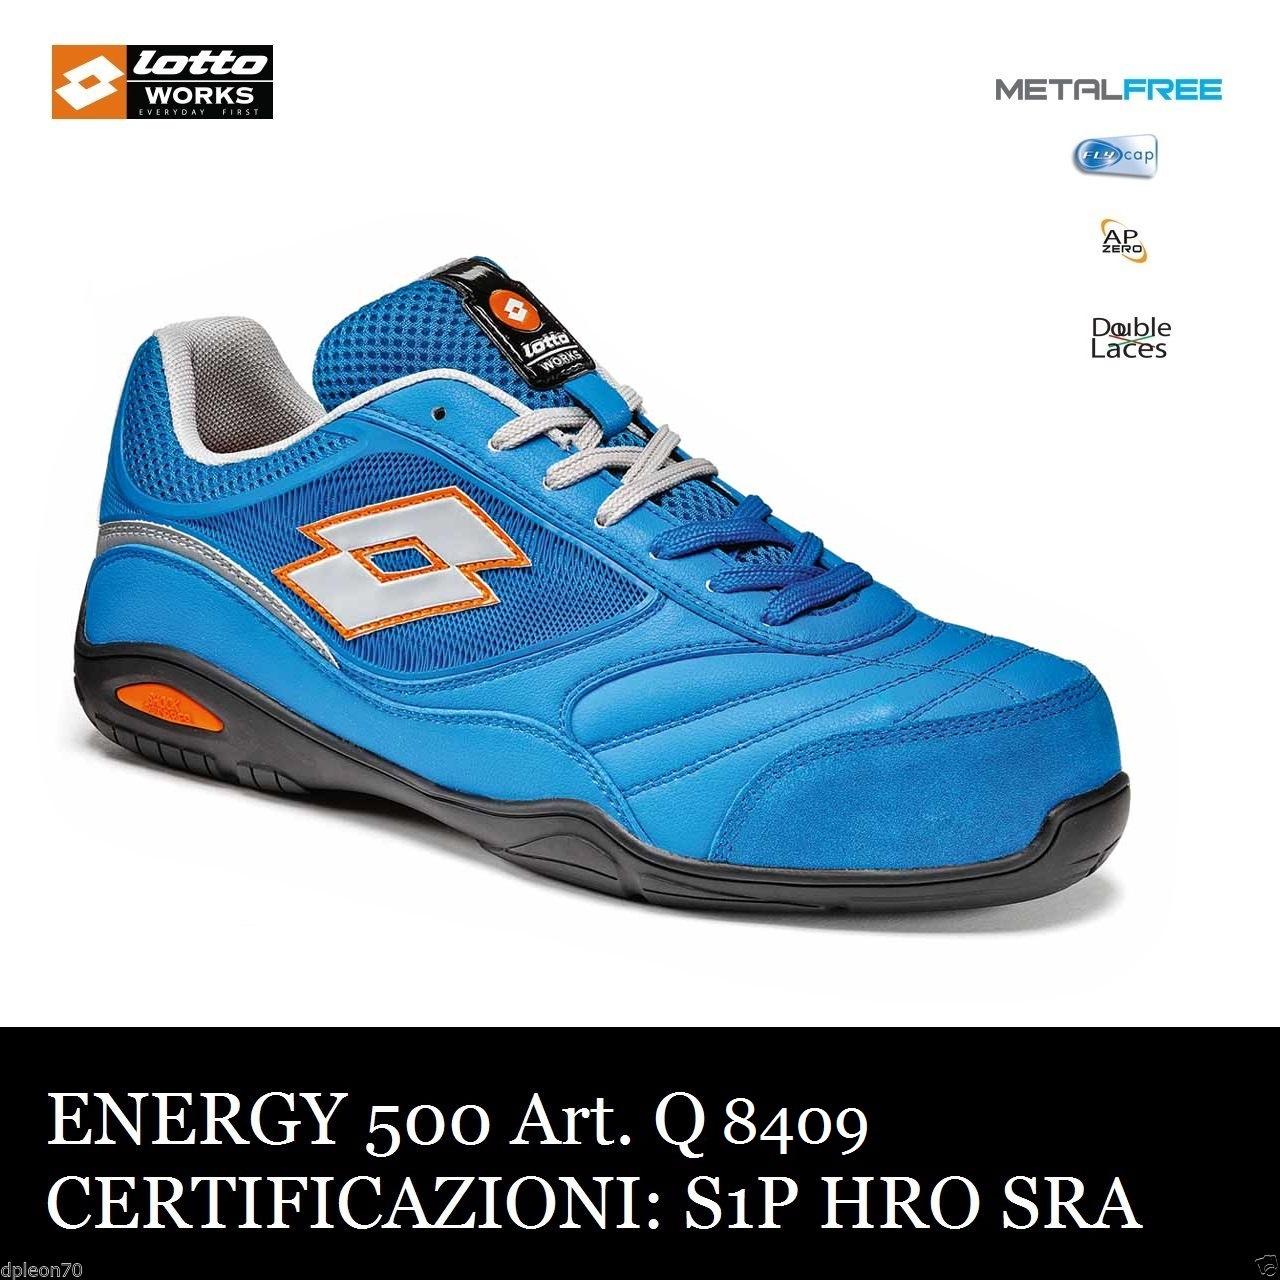 sito affidabile 7d4d6 df597 Scarpe antinfortinistiche LOTTO WORKS ENERGY 500 Q8409 S1P SRA HRO BLU -  Calzature Lotto Works - Antinfortunistica abbigliamento calzature